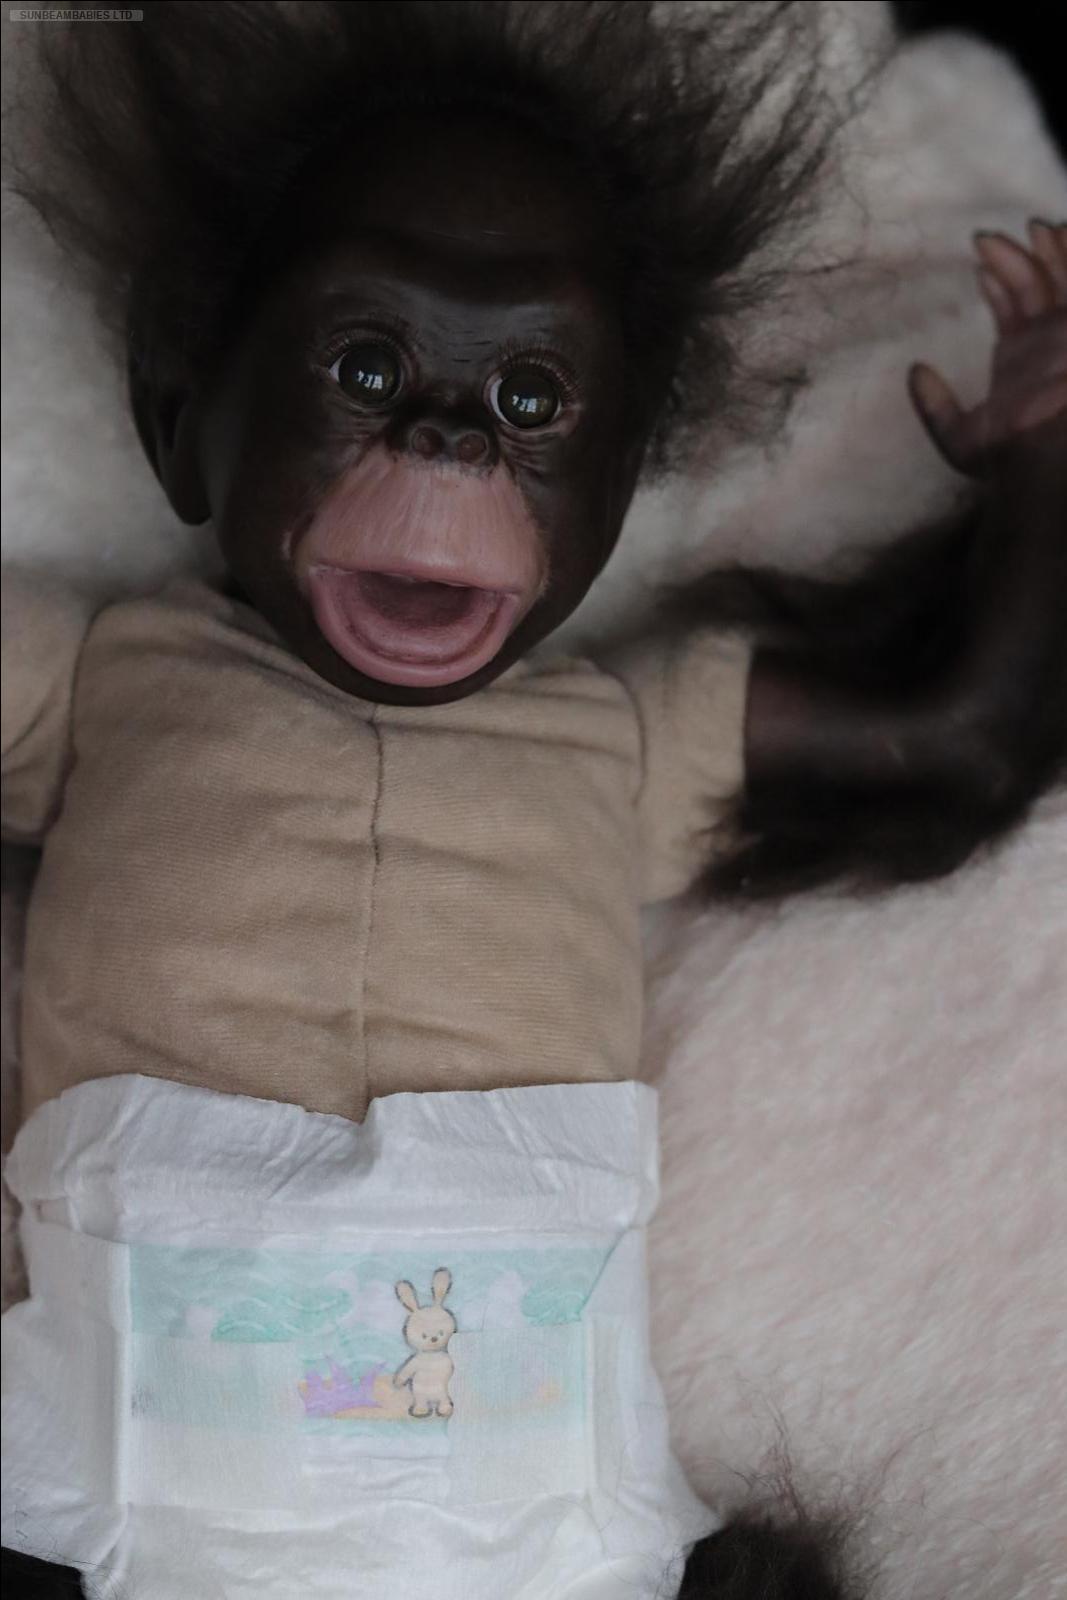 Détails Sur Enraciné Reborn, Brown Eyed Cici Singe Singe Chimpanzé Bébé  Gorille & Cadeau Gratuit Sac.!- Afficher Le Titre D'origine tout Jeux De Gorille Gratuit